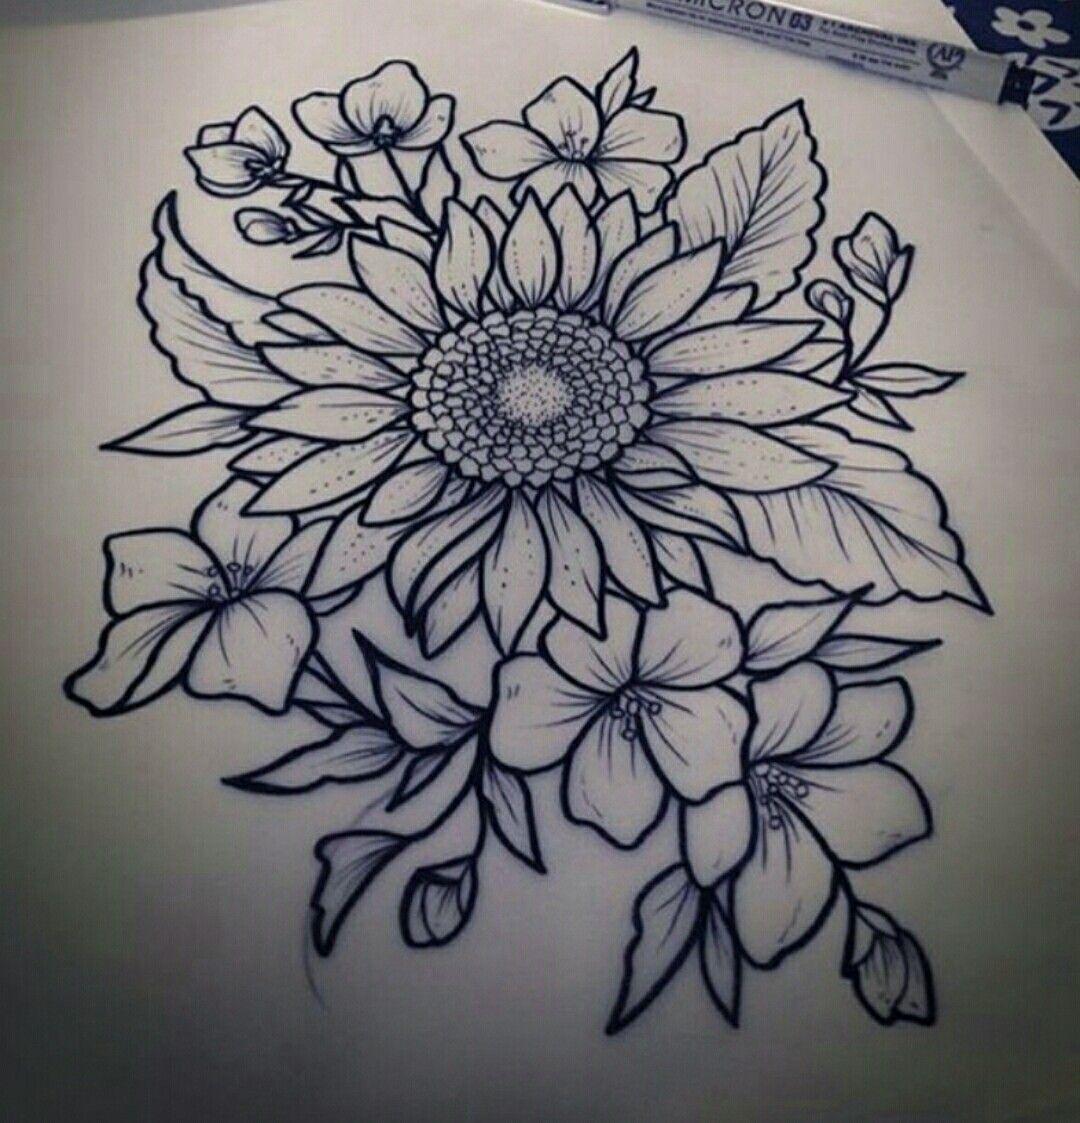 Sunflower drawing | Tattoos | Pinterest | Tattoos, Flower ...